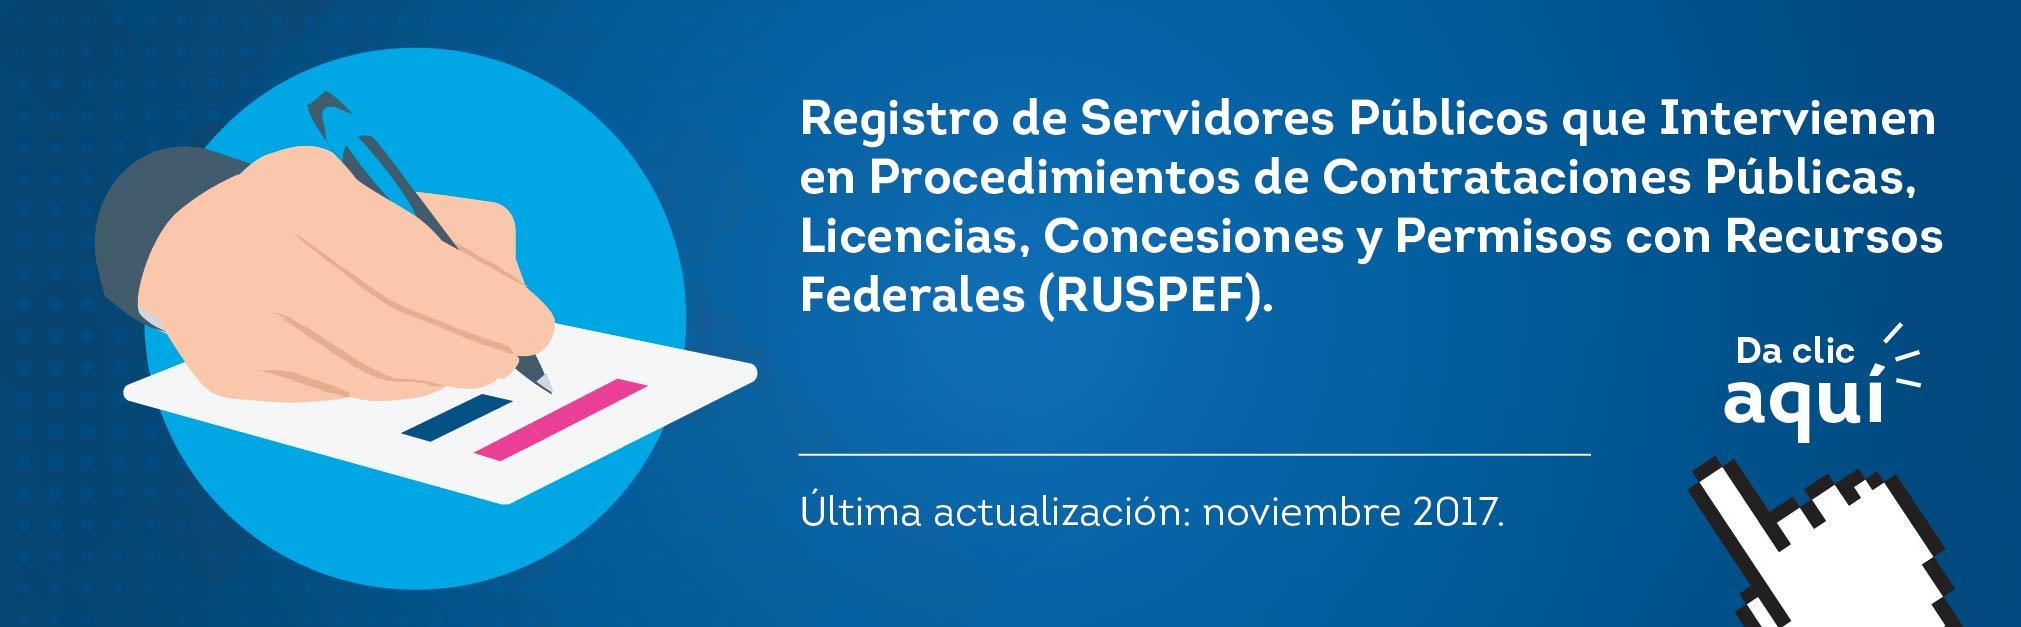 BANNER REGISTRO DE SERVIDORES PUBLICOS-01